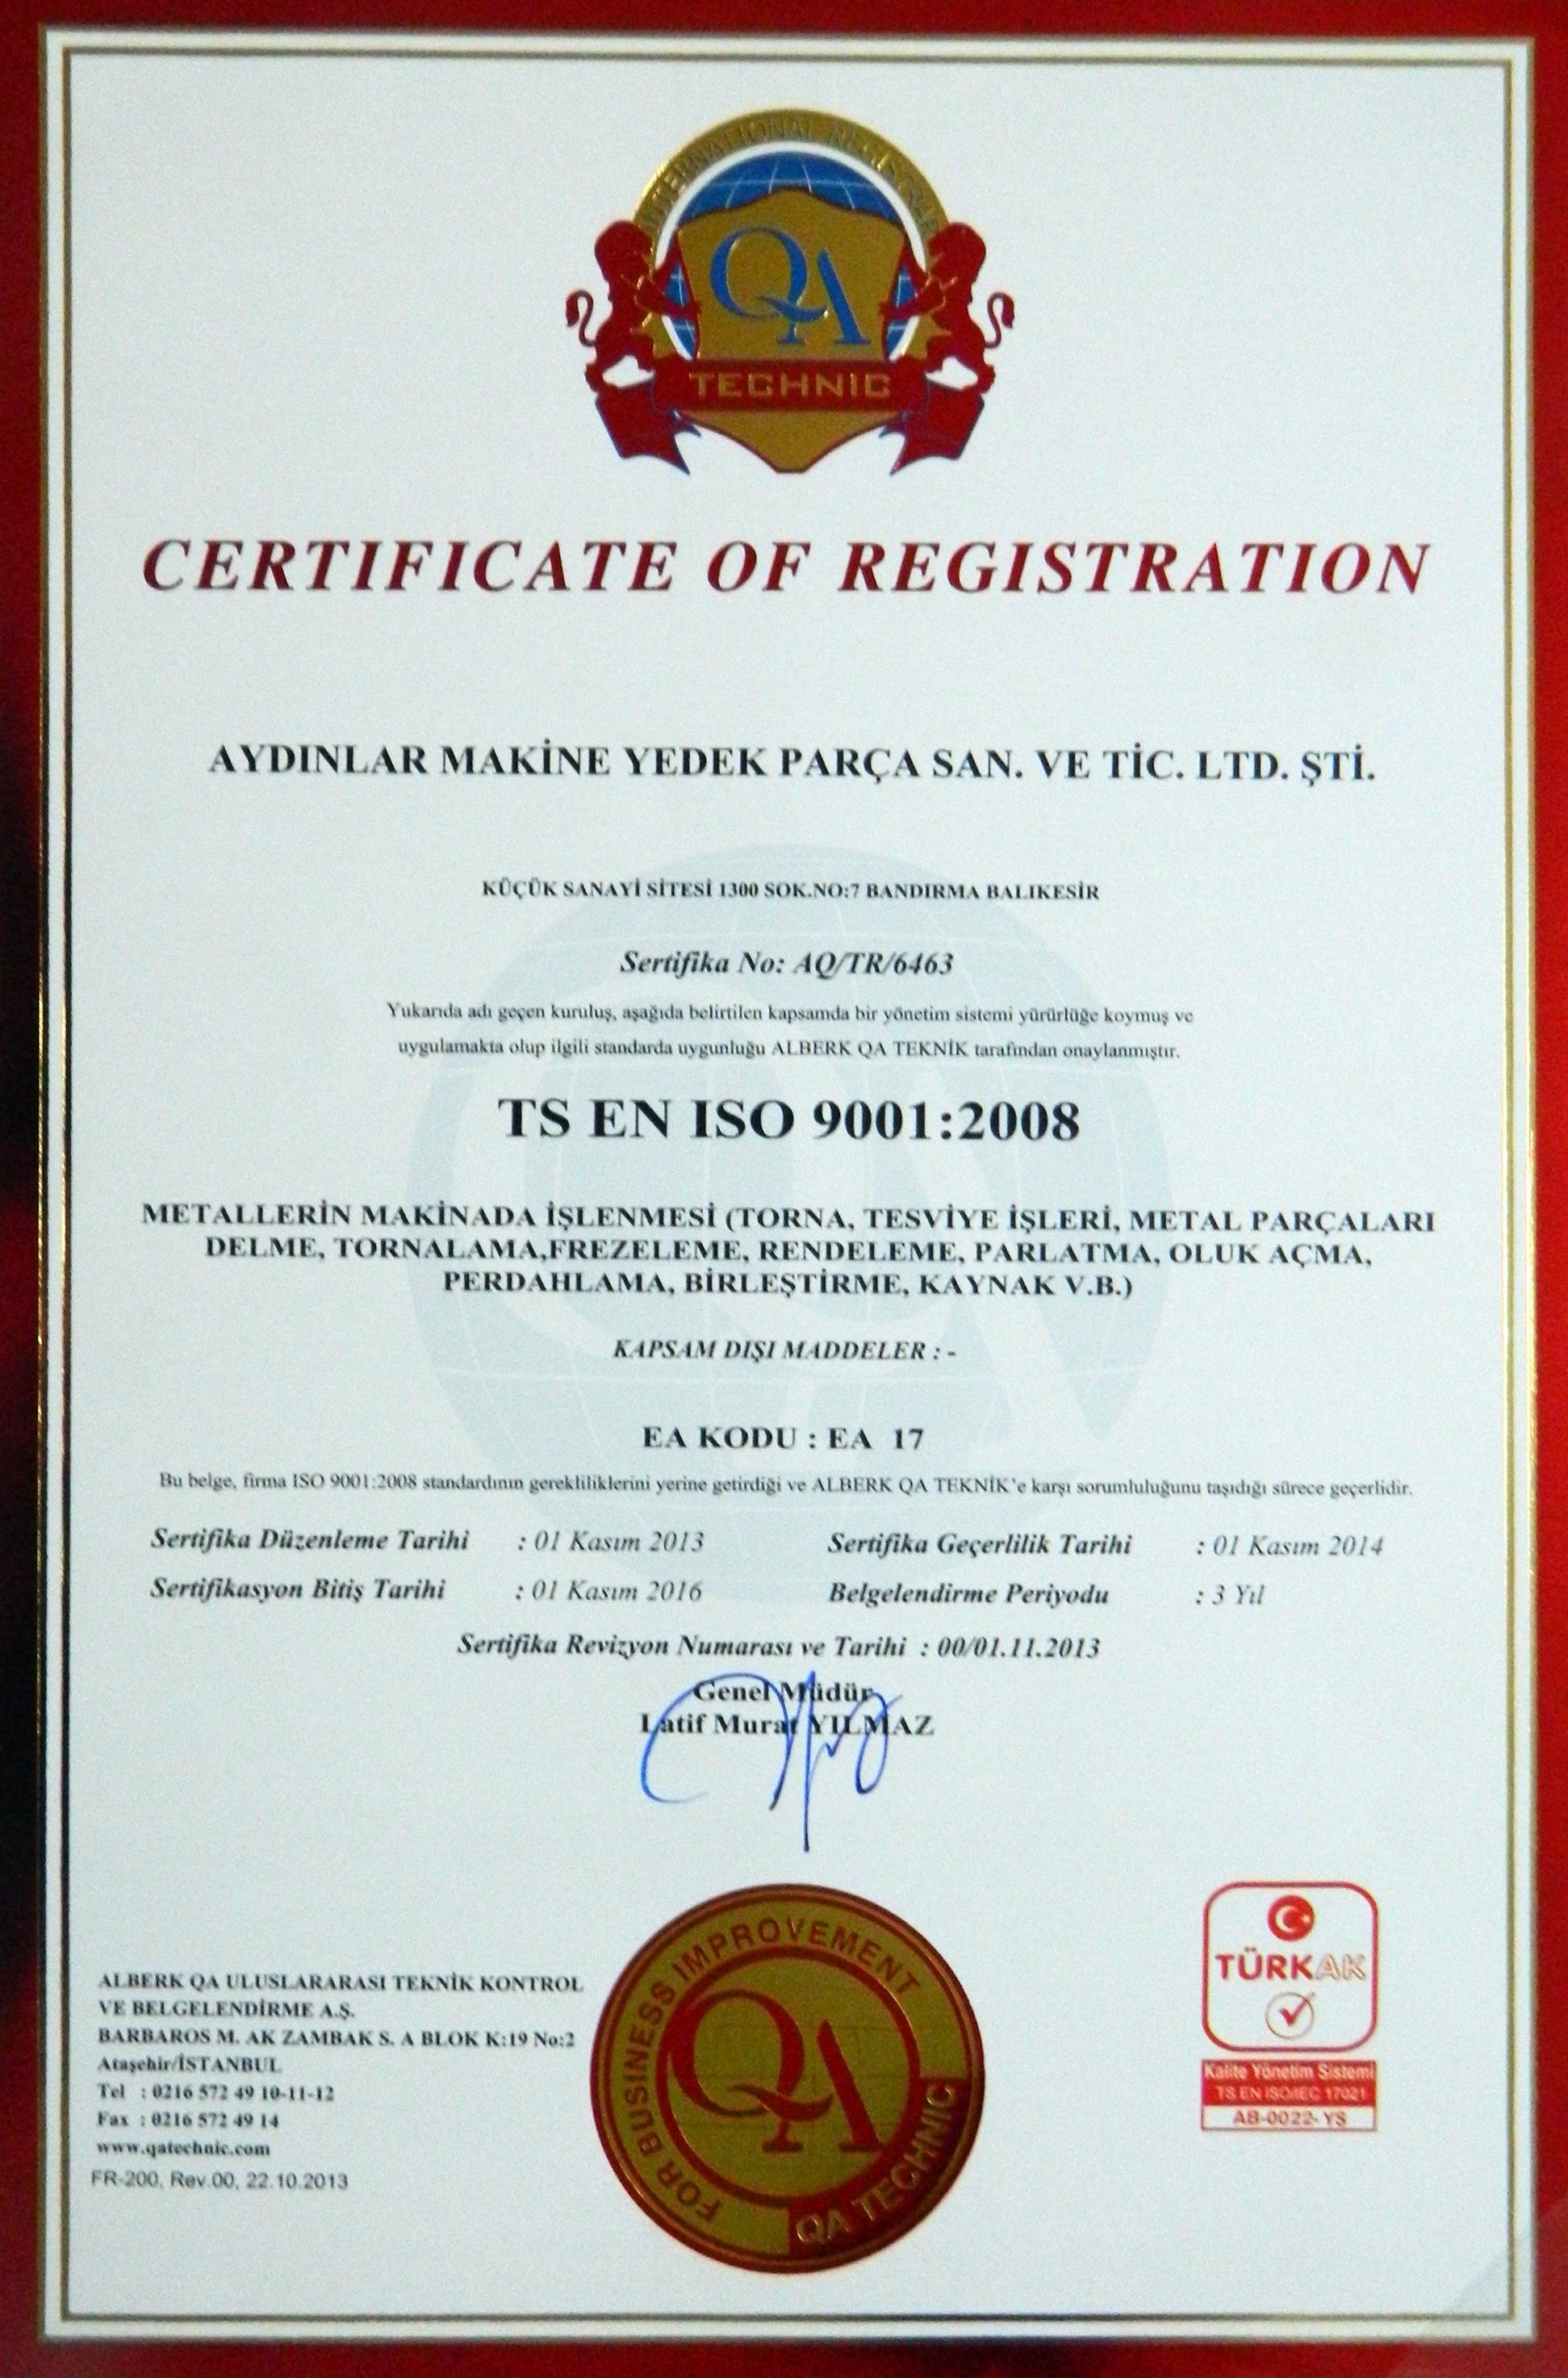 sertifika2